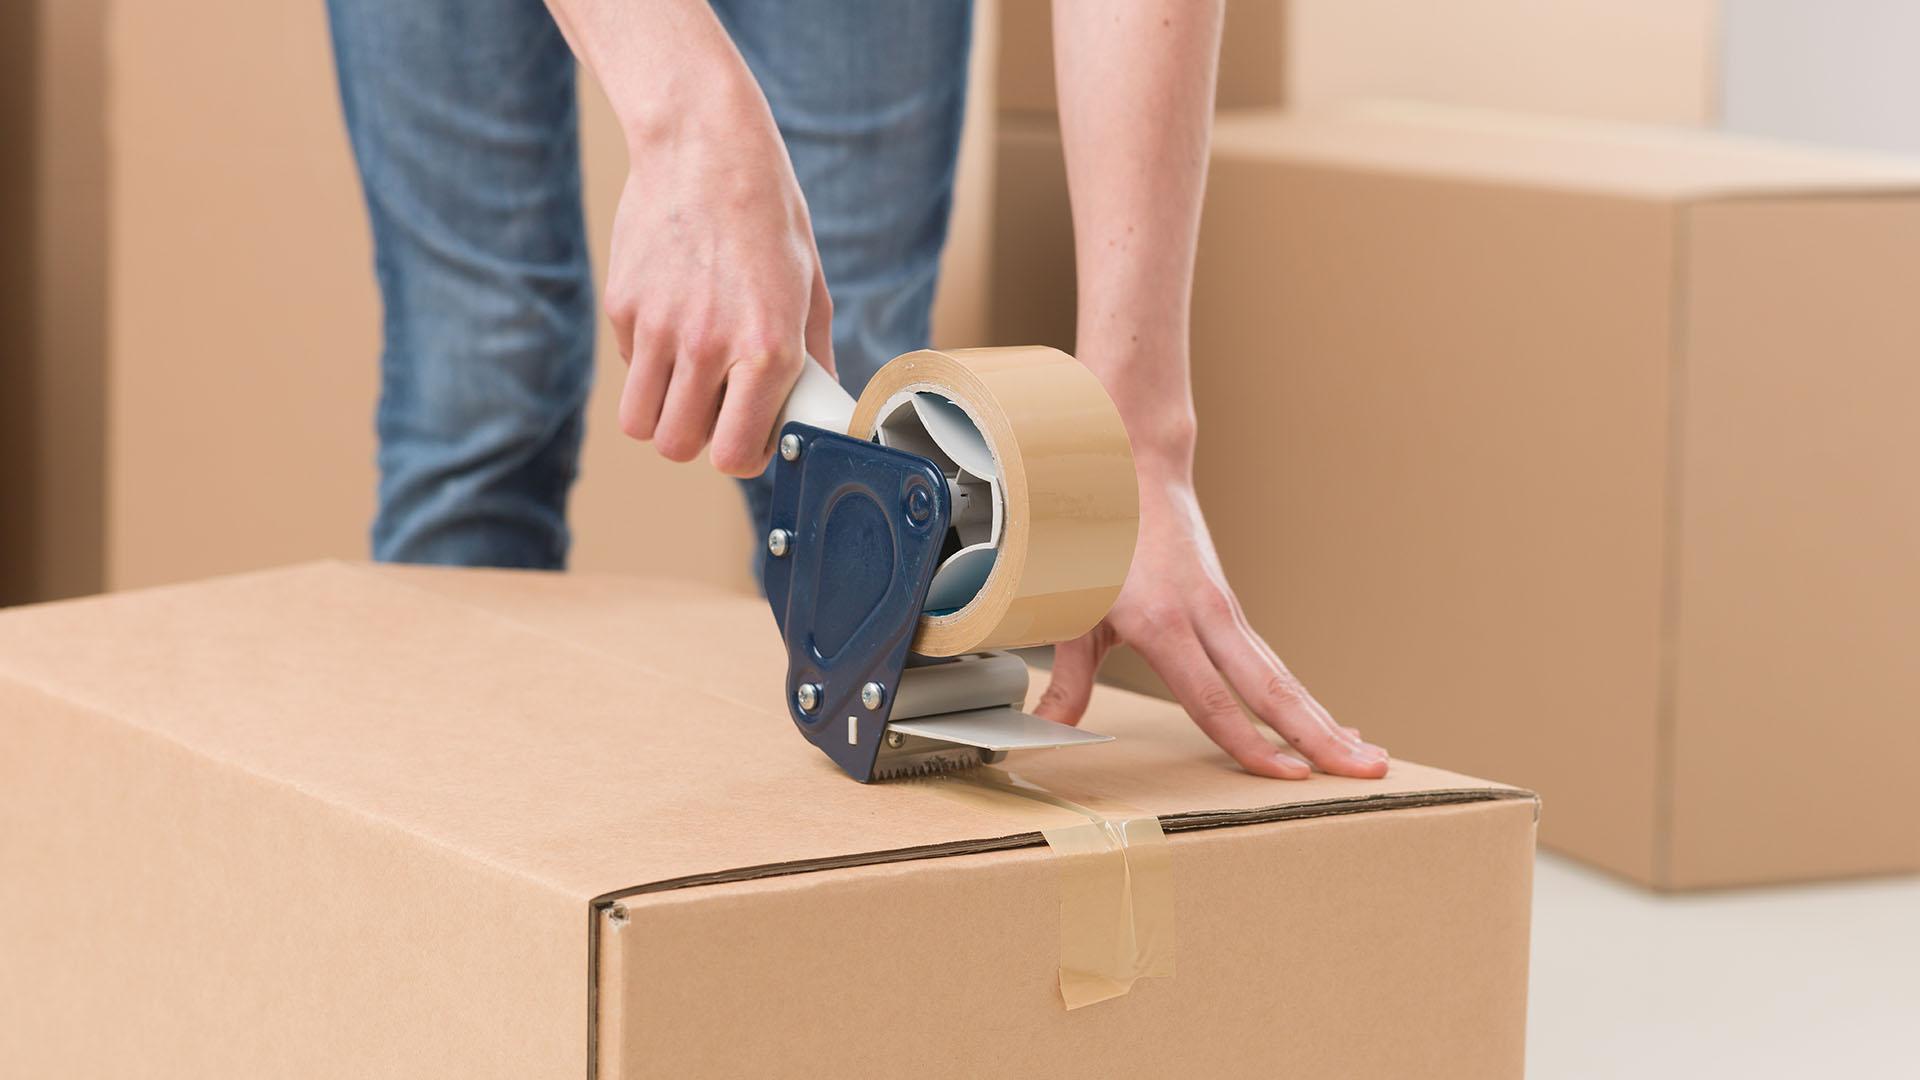 Elementos de aplicación precisos para dar un resultado óptimo en el embalaje.